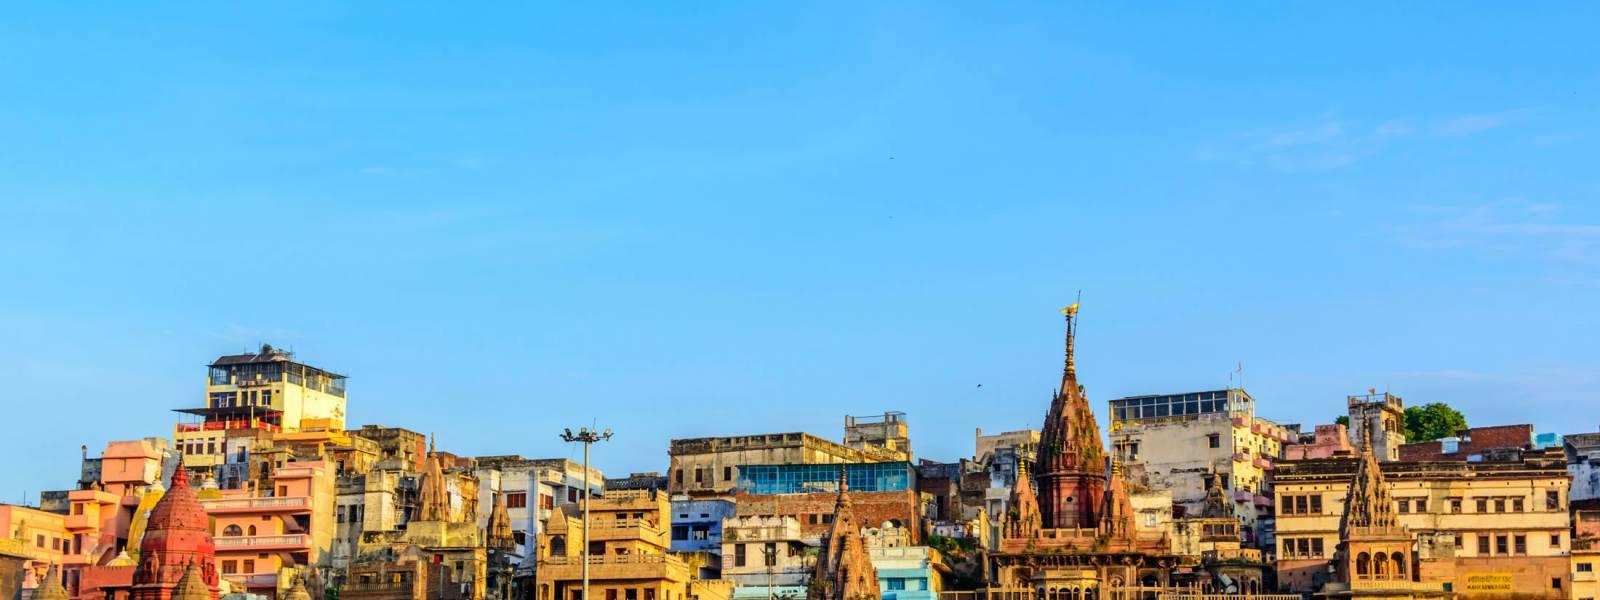 Varanasi Shoreline